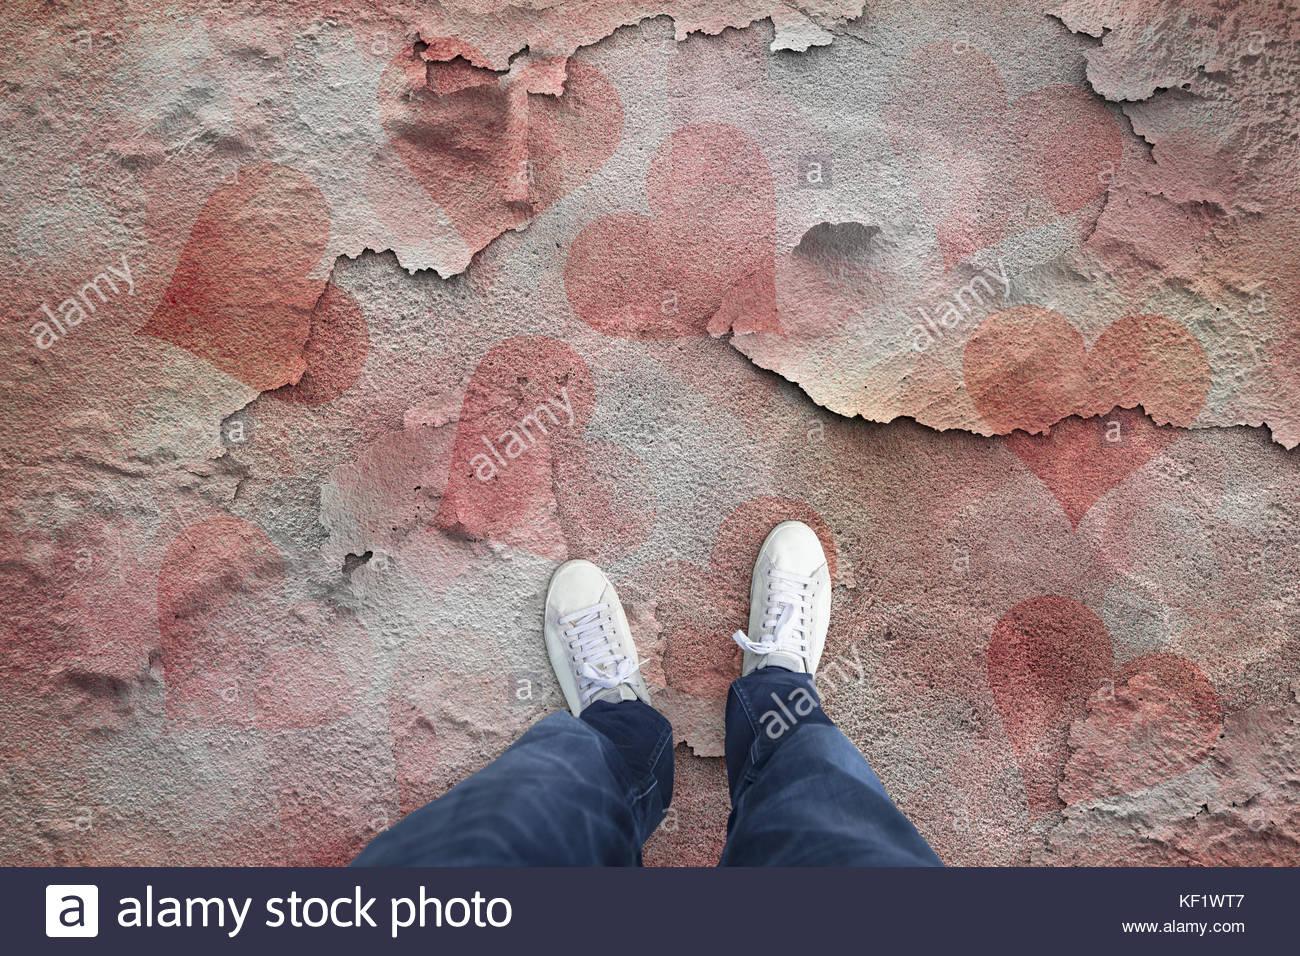 Uomo in piedi sulla rotta e pavimento rotto con dipinto di rosso porpora Colored Hearts. Punto di vista personale Immagini Stock